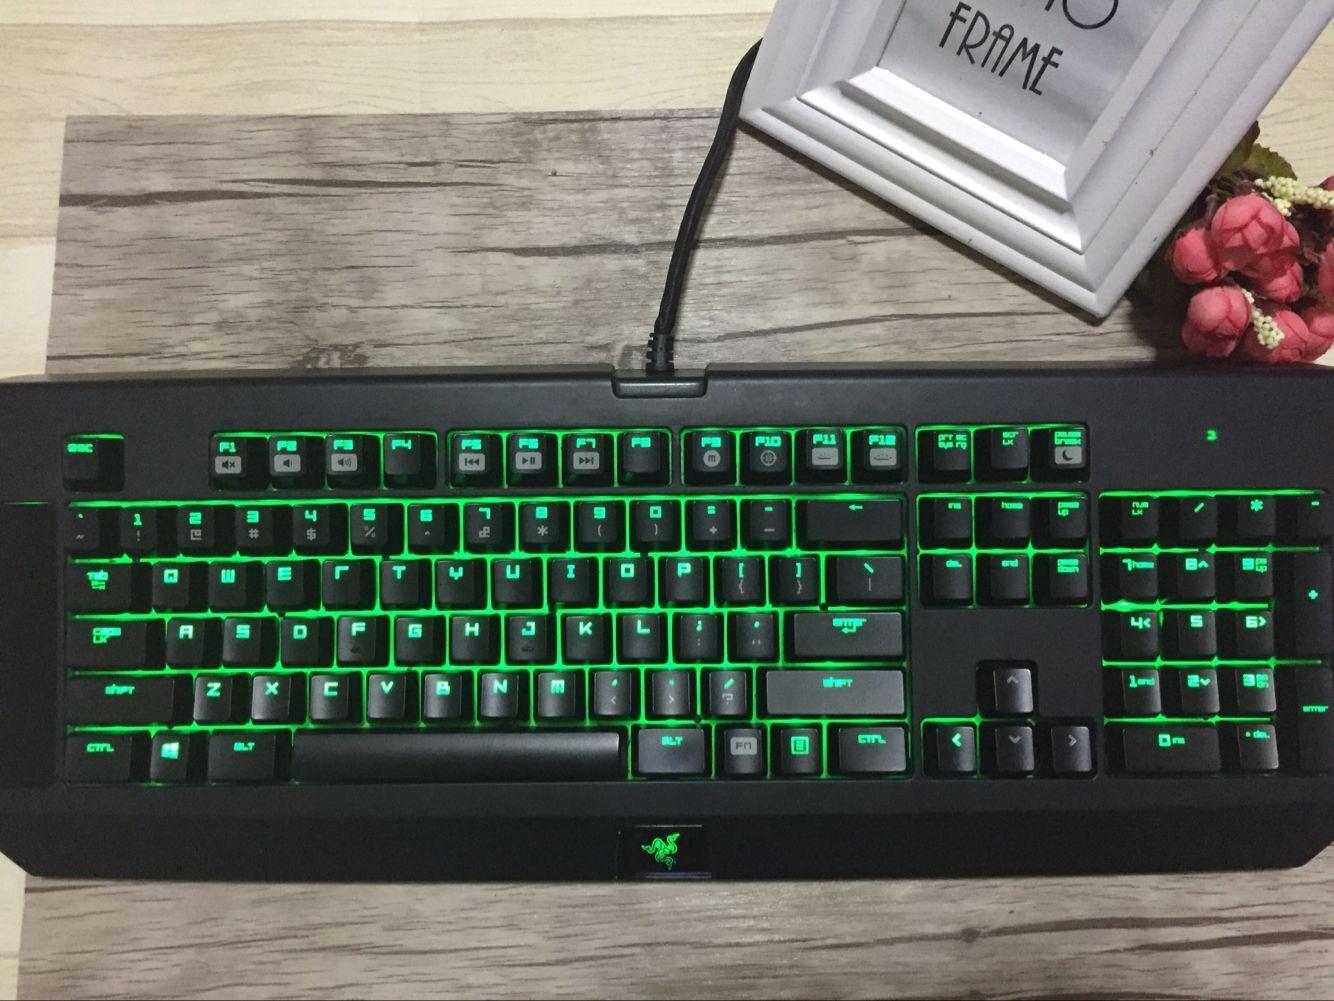 雷蛇 键盘图片